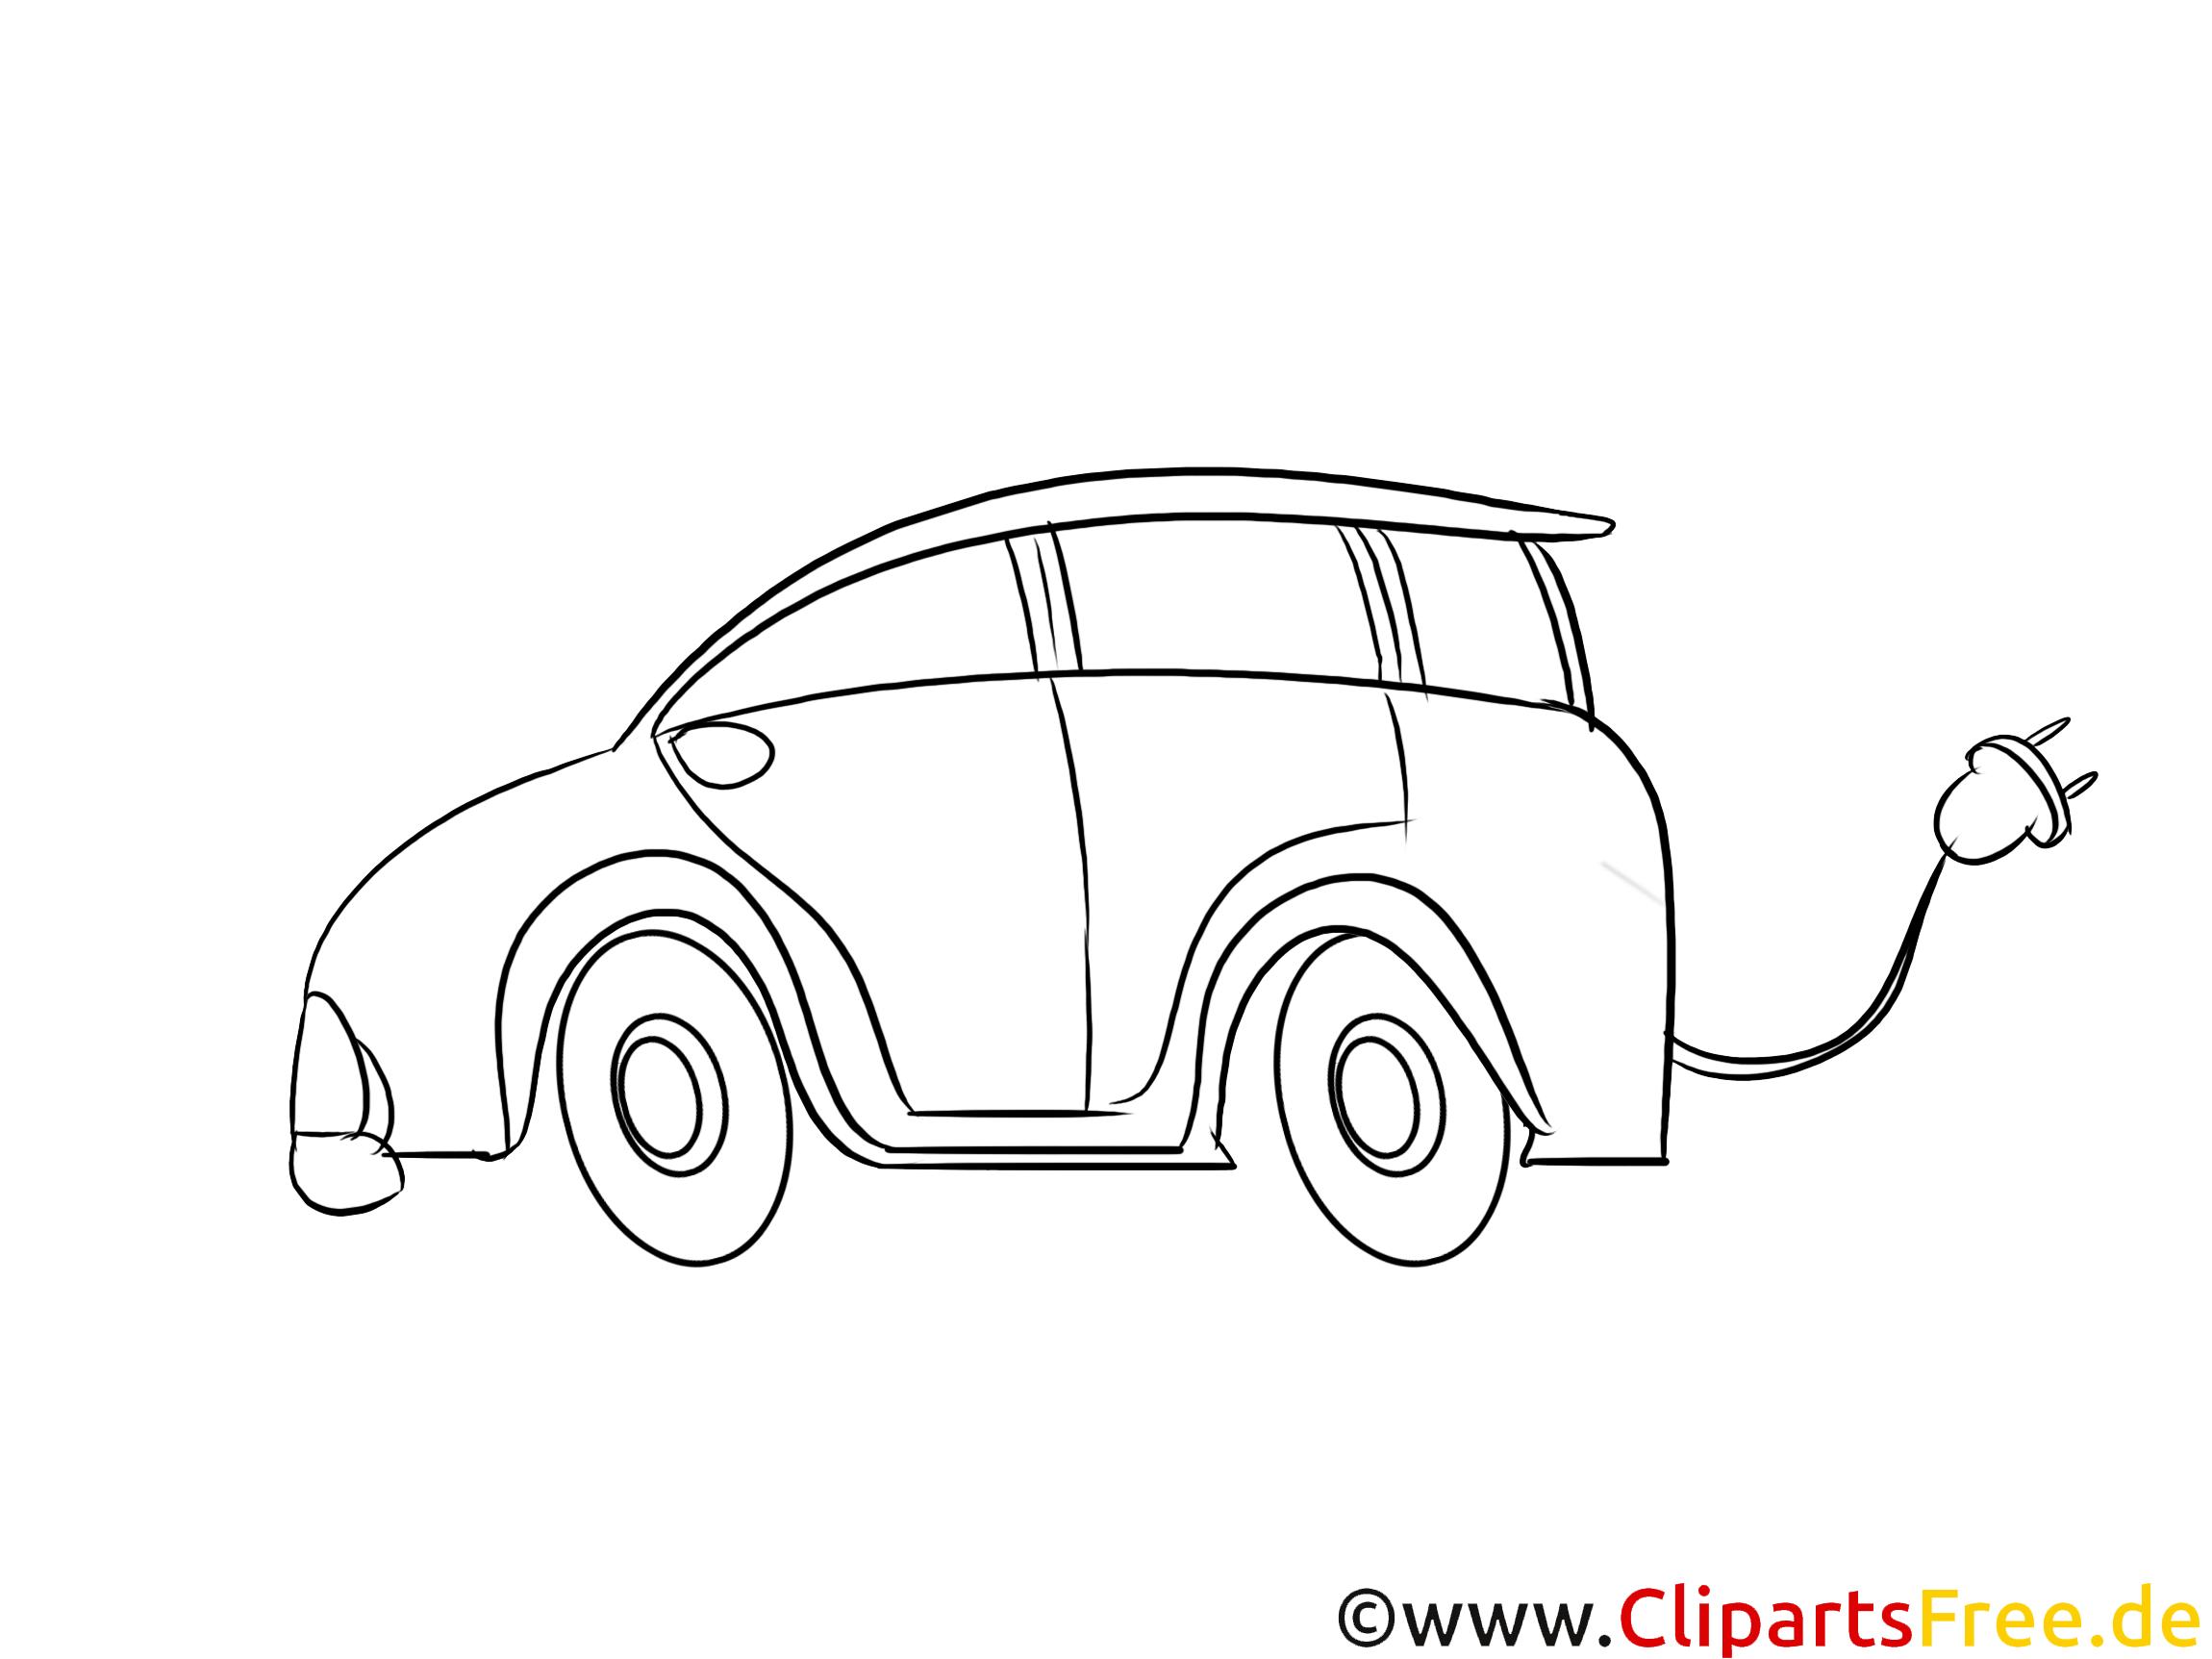 E-Auto Clipart, Bild schwarz-weiß